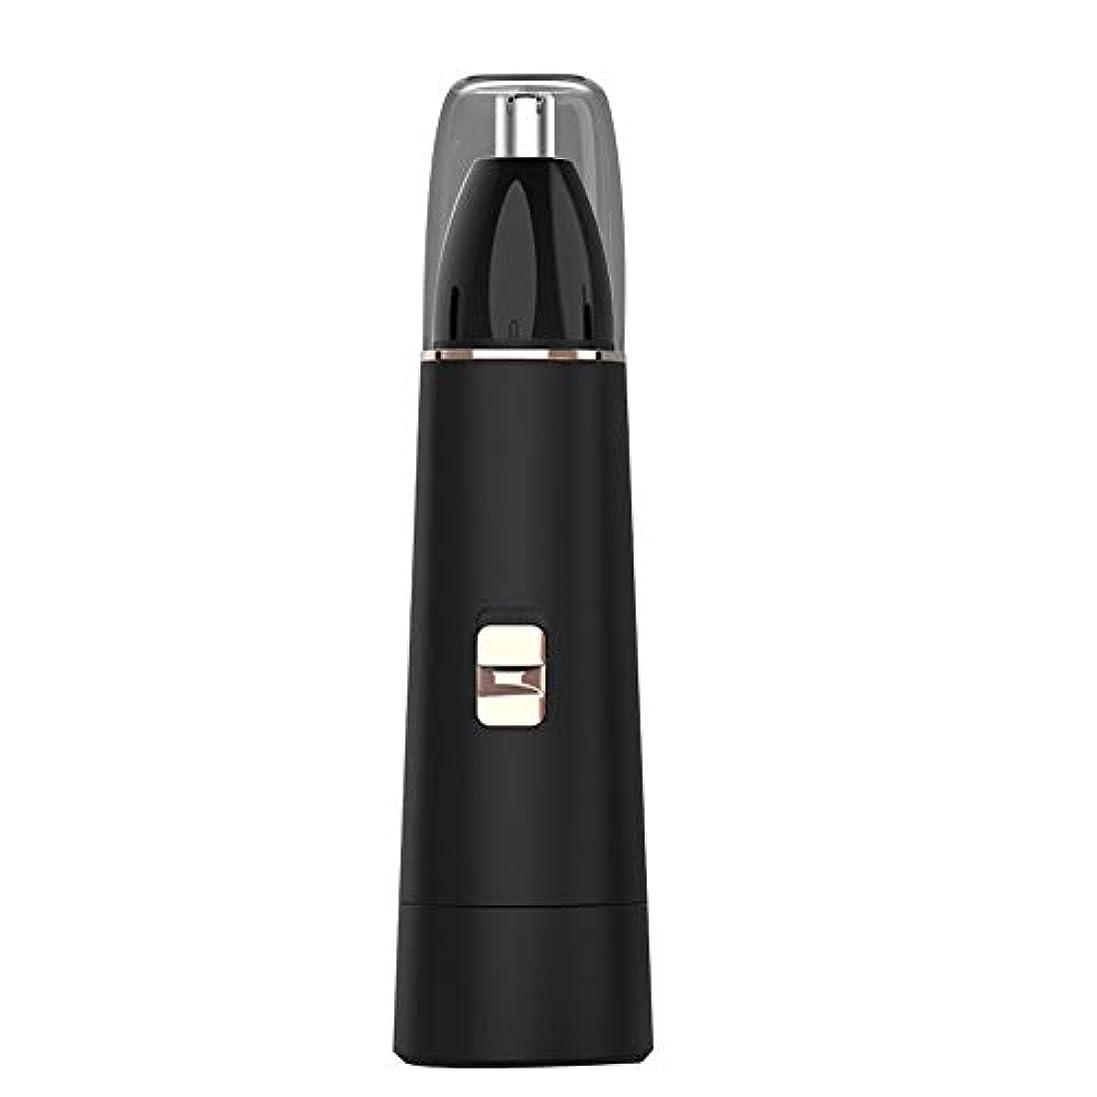 ラジカル勇気お風呂を持っている鼻毛トリマー-USB充電式電動鼻毛トリマー/ABS素材/多機能 持つ価値があります